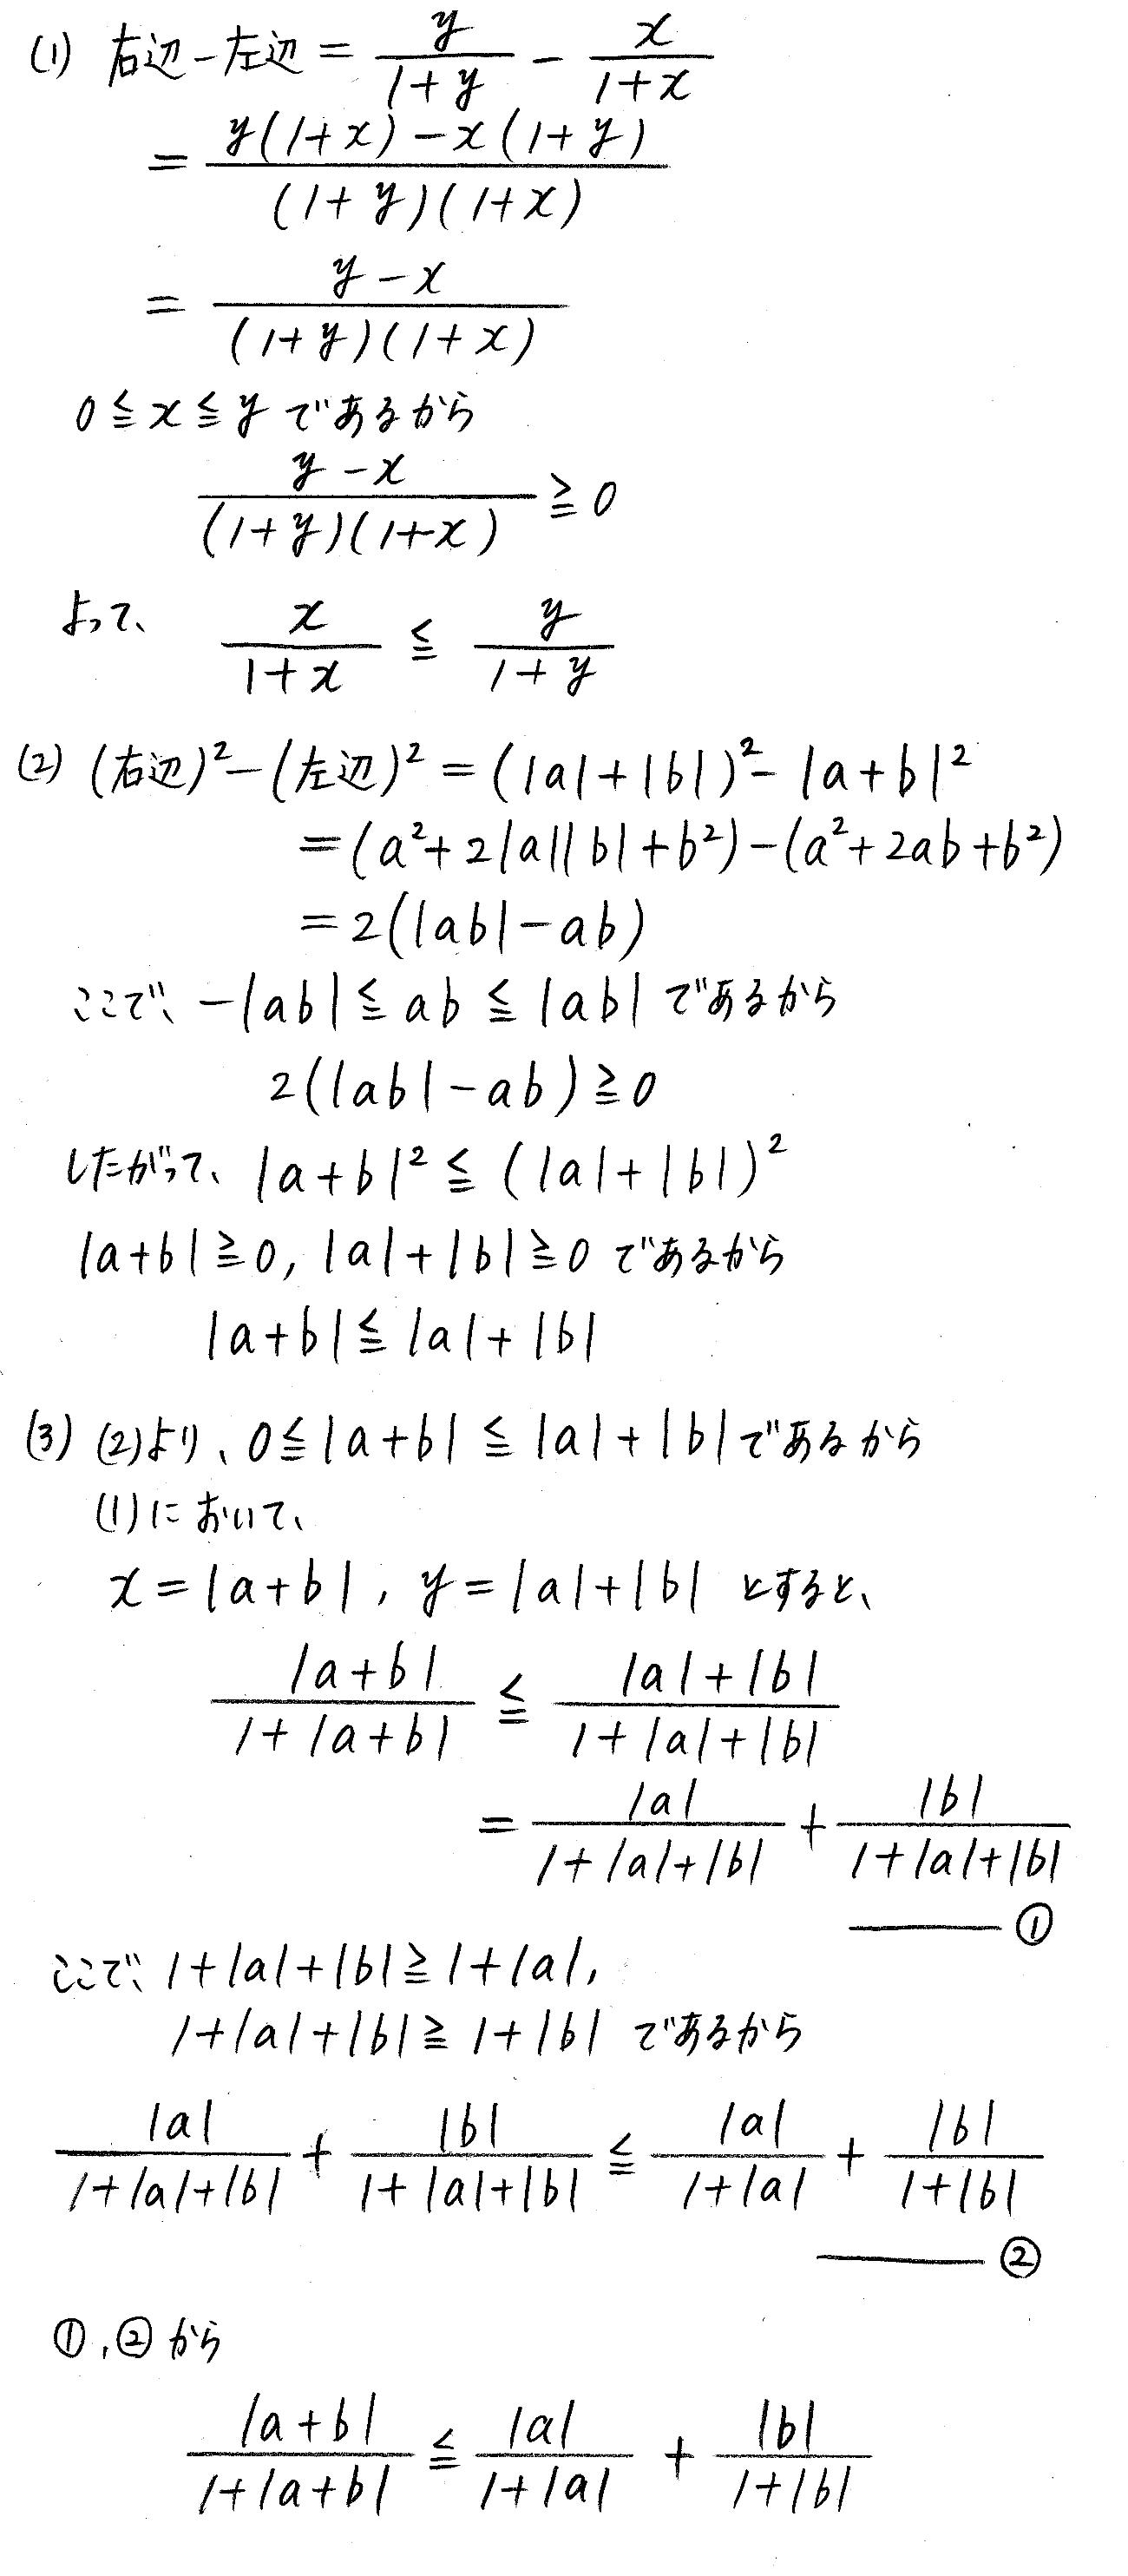 クリアー数学演習12AB受験編-10解答